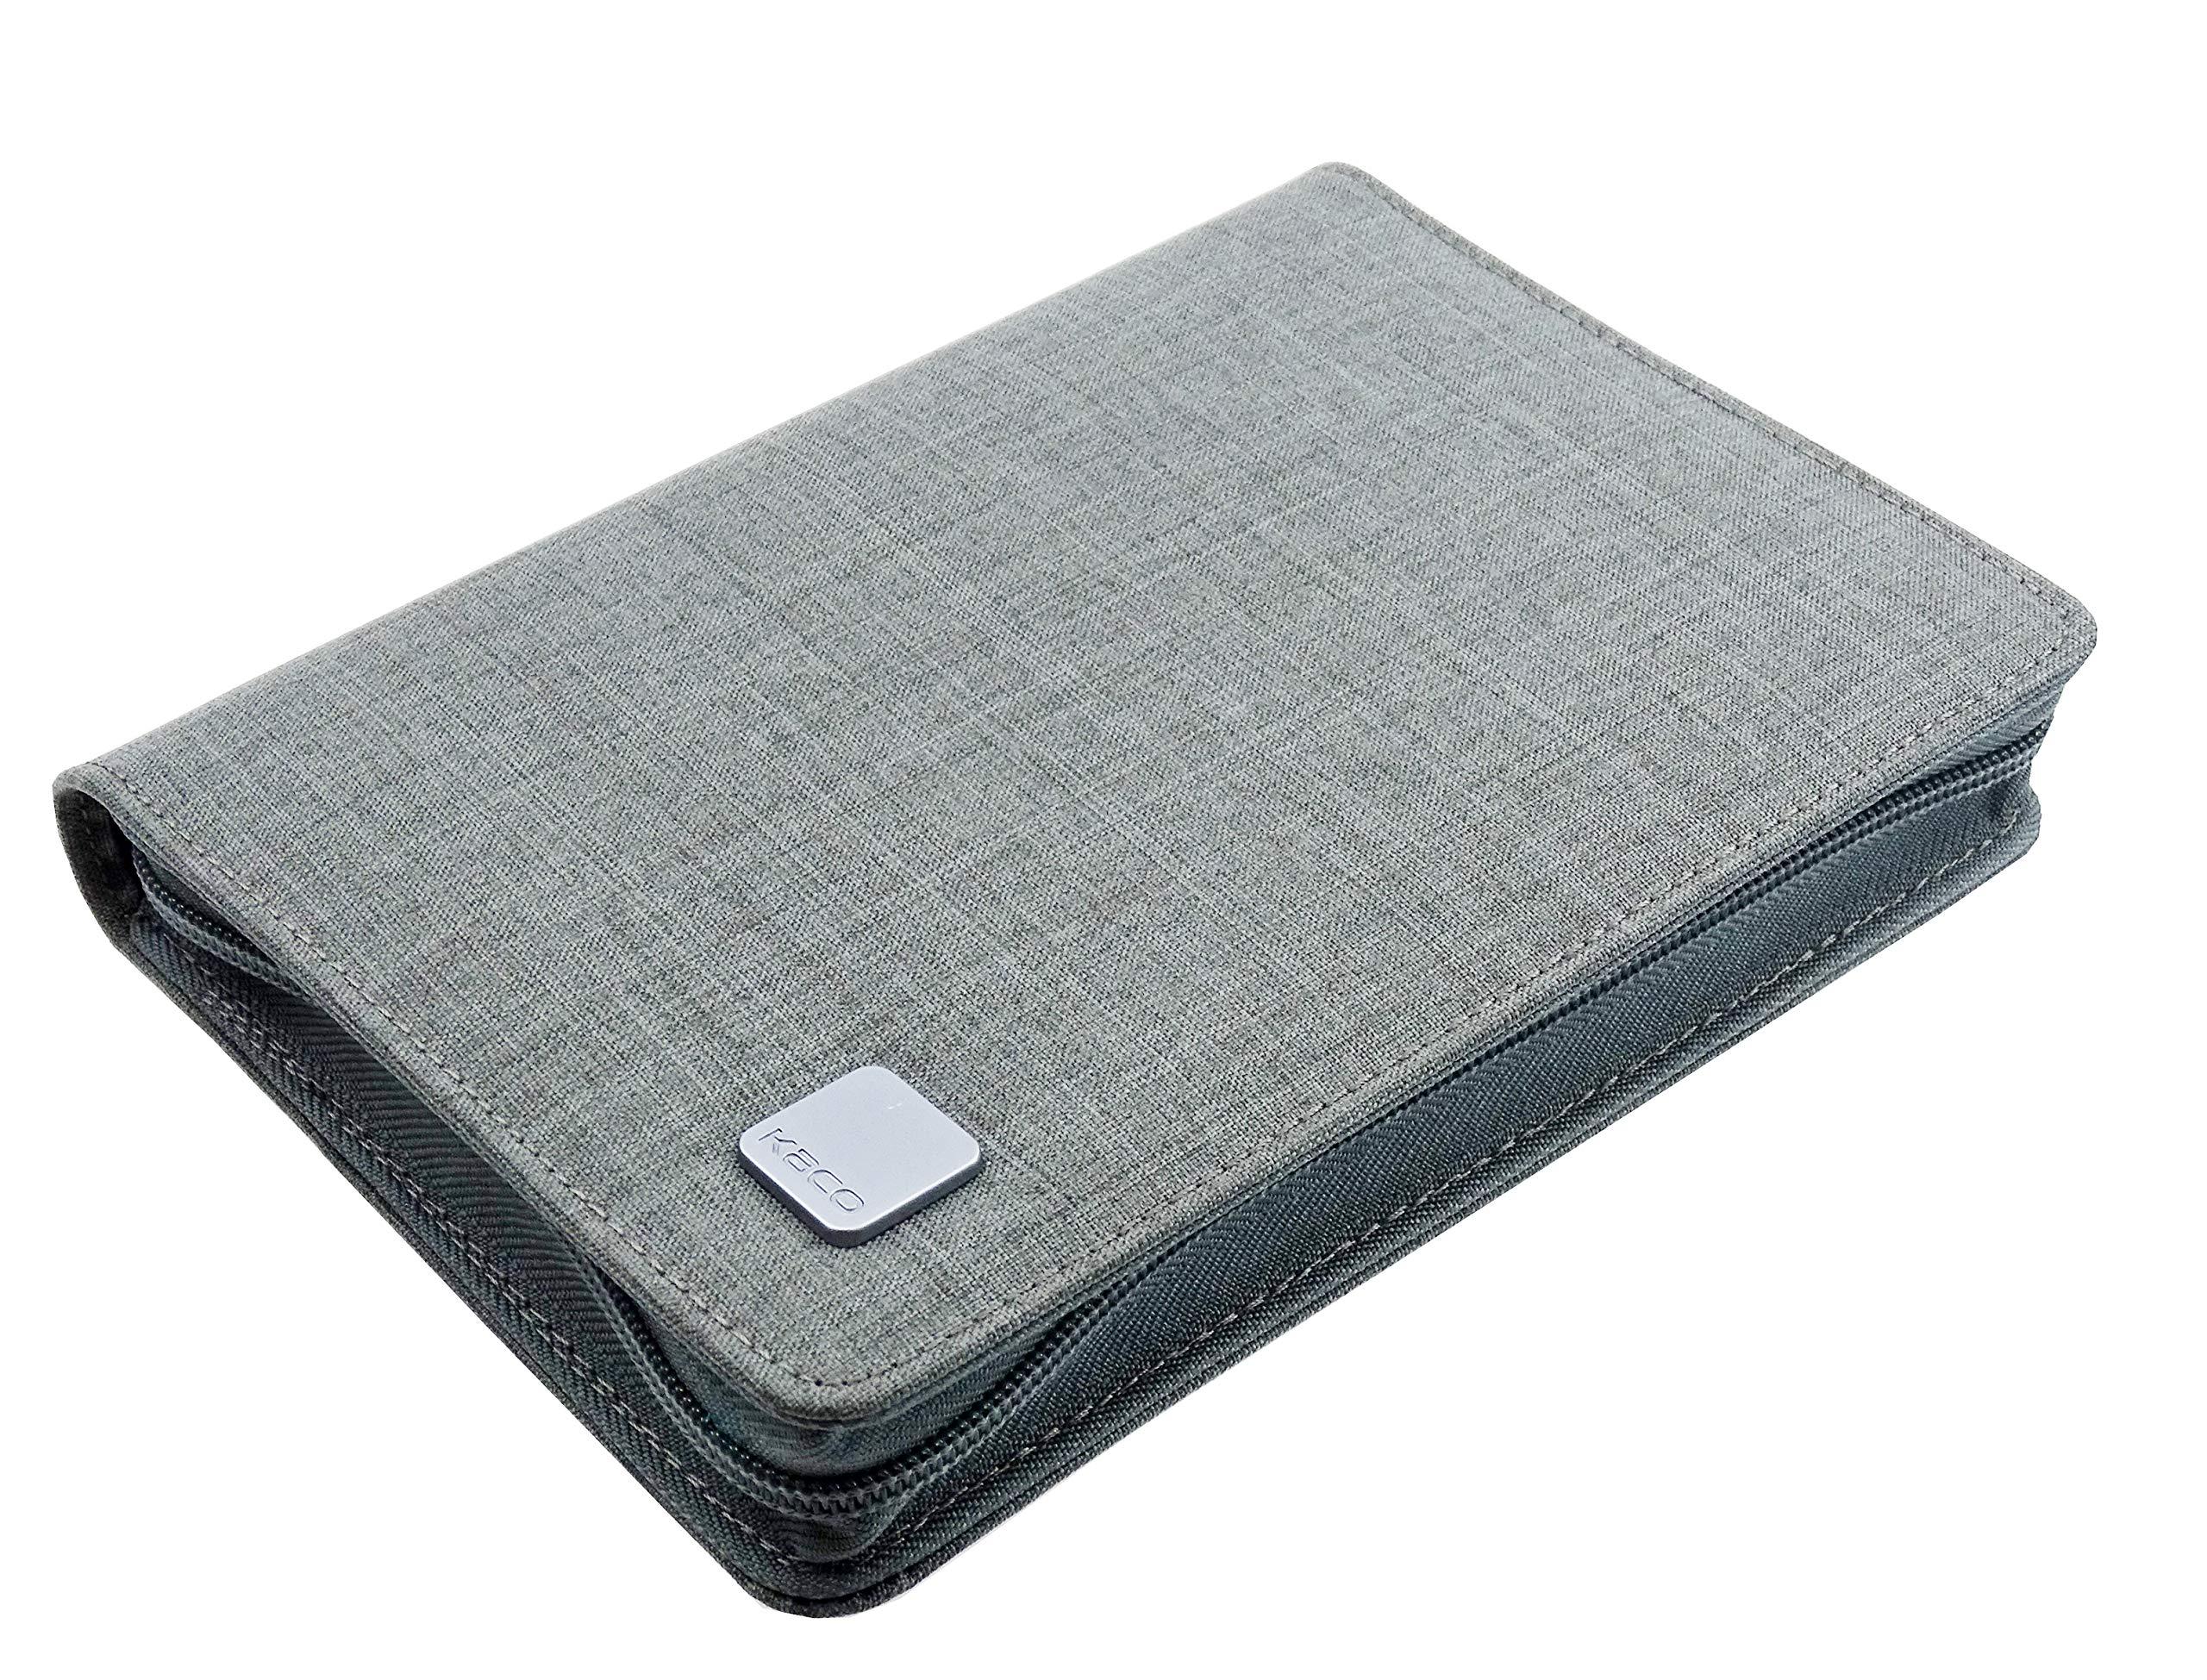 KACO - Estuche para pluma estilográfica (10 unidades, resistente al agua), color gris: Amazon.es: Oficina y papelería